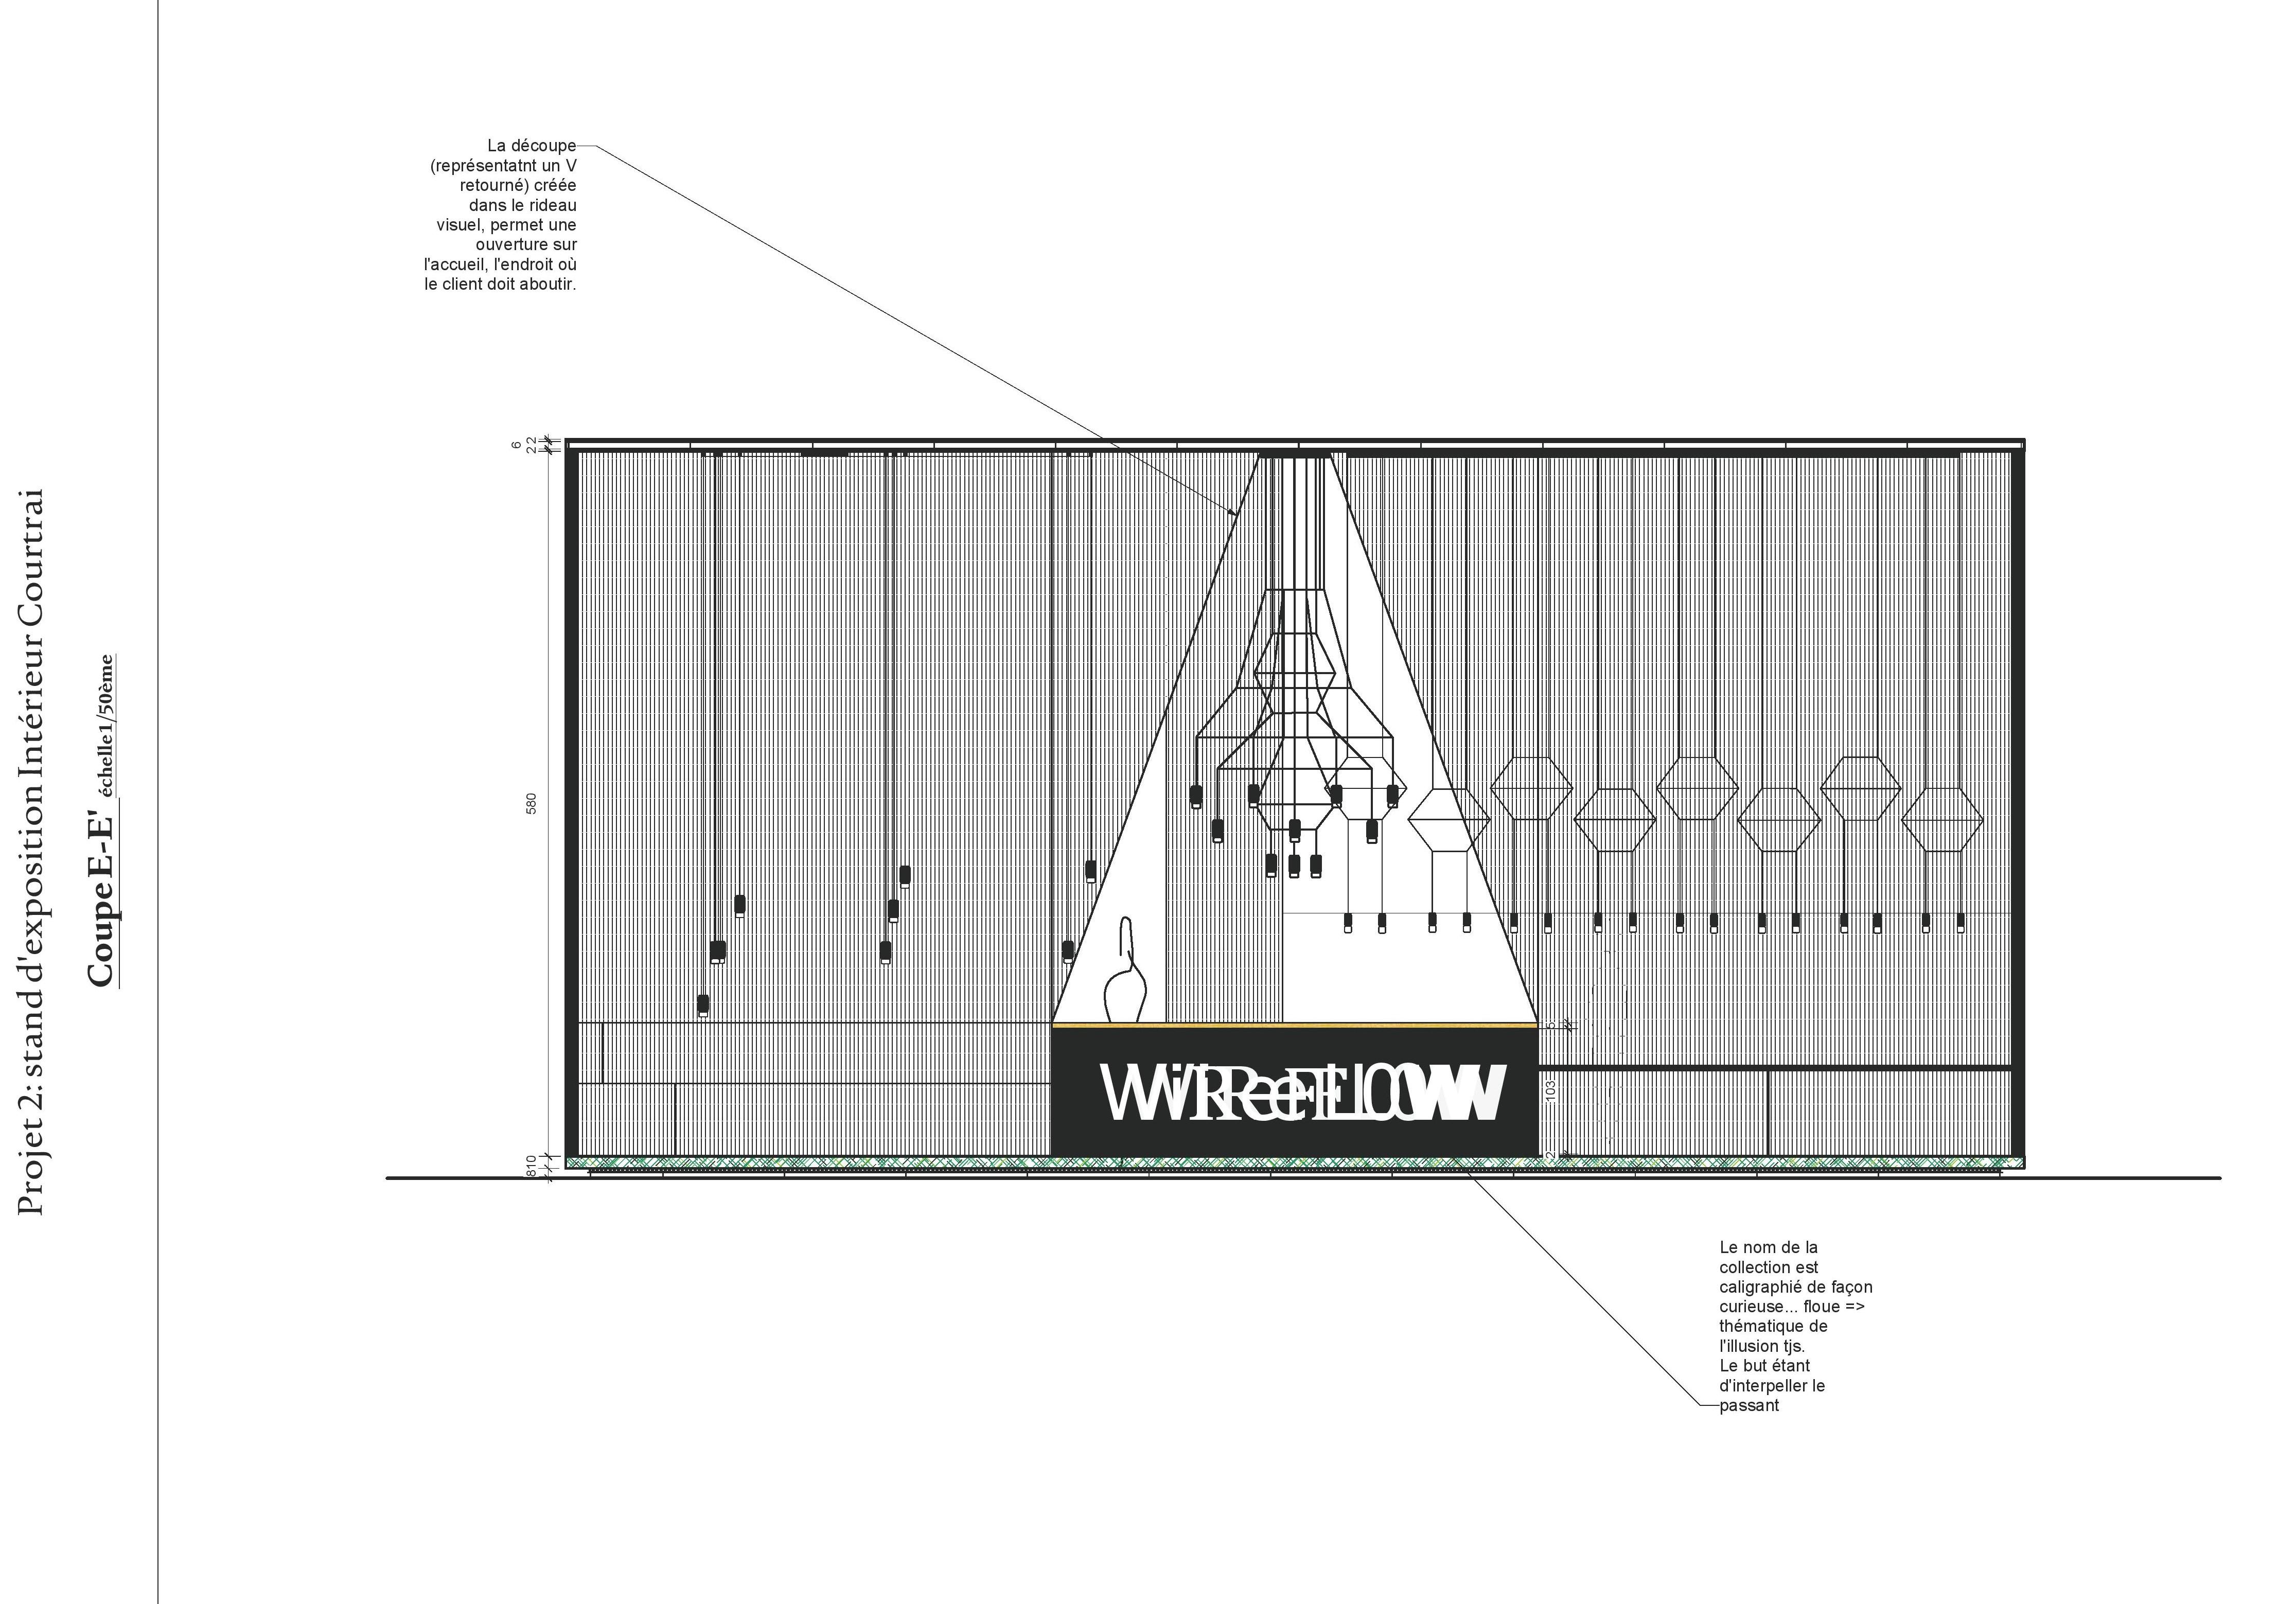 projet 2 plans impression.vwx-page-006